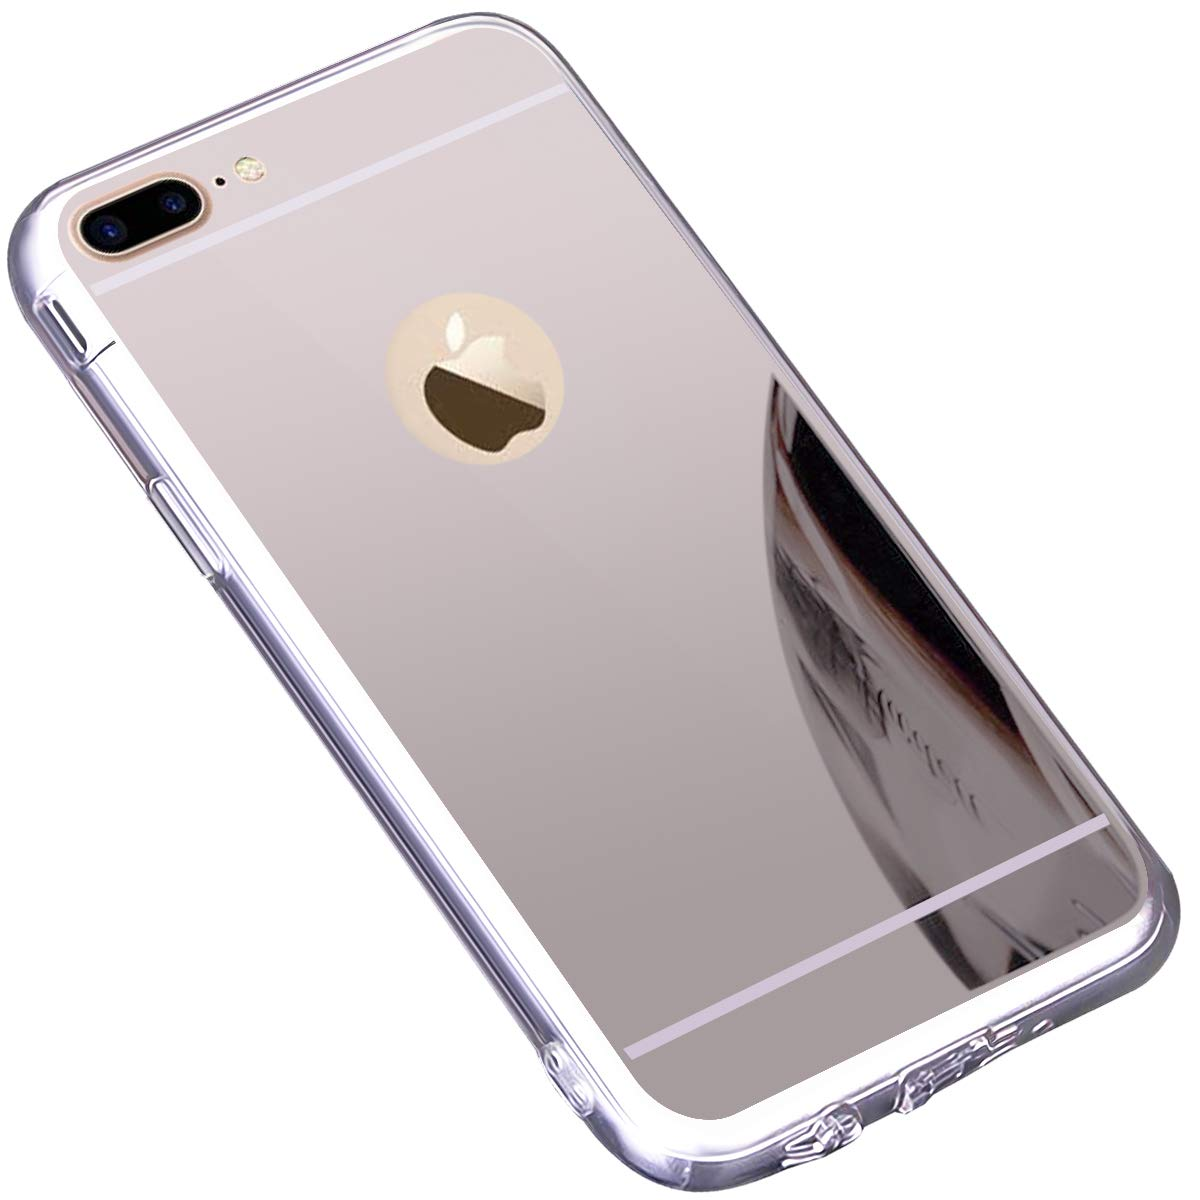 Custodia Iphone 8 Protezione Telefono Sottile Cover Iphone 8 Oro